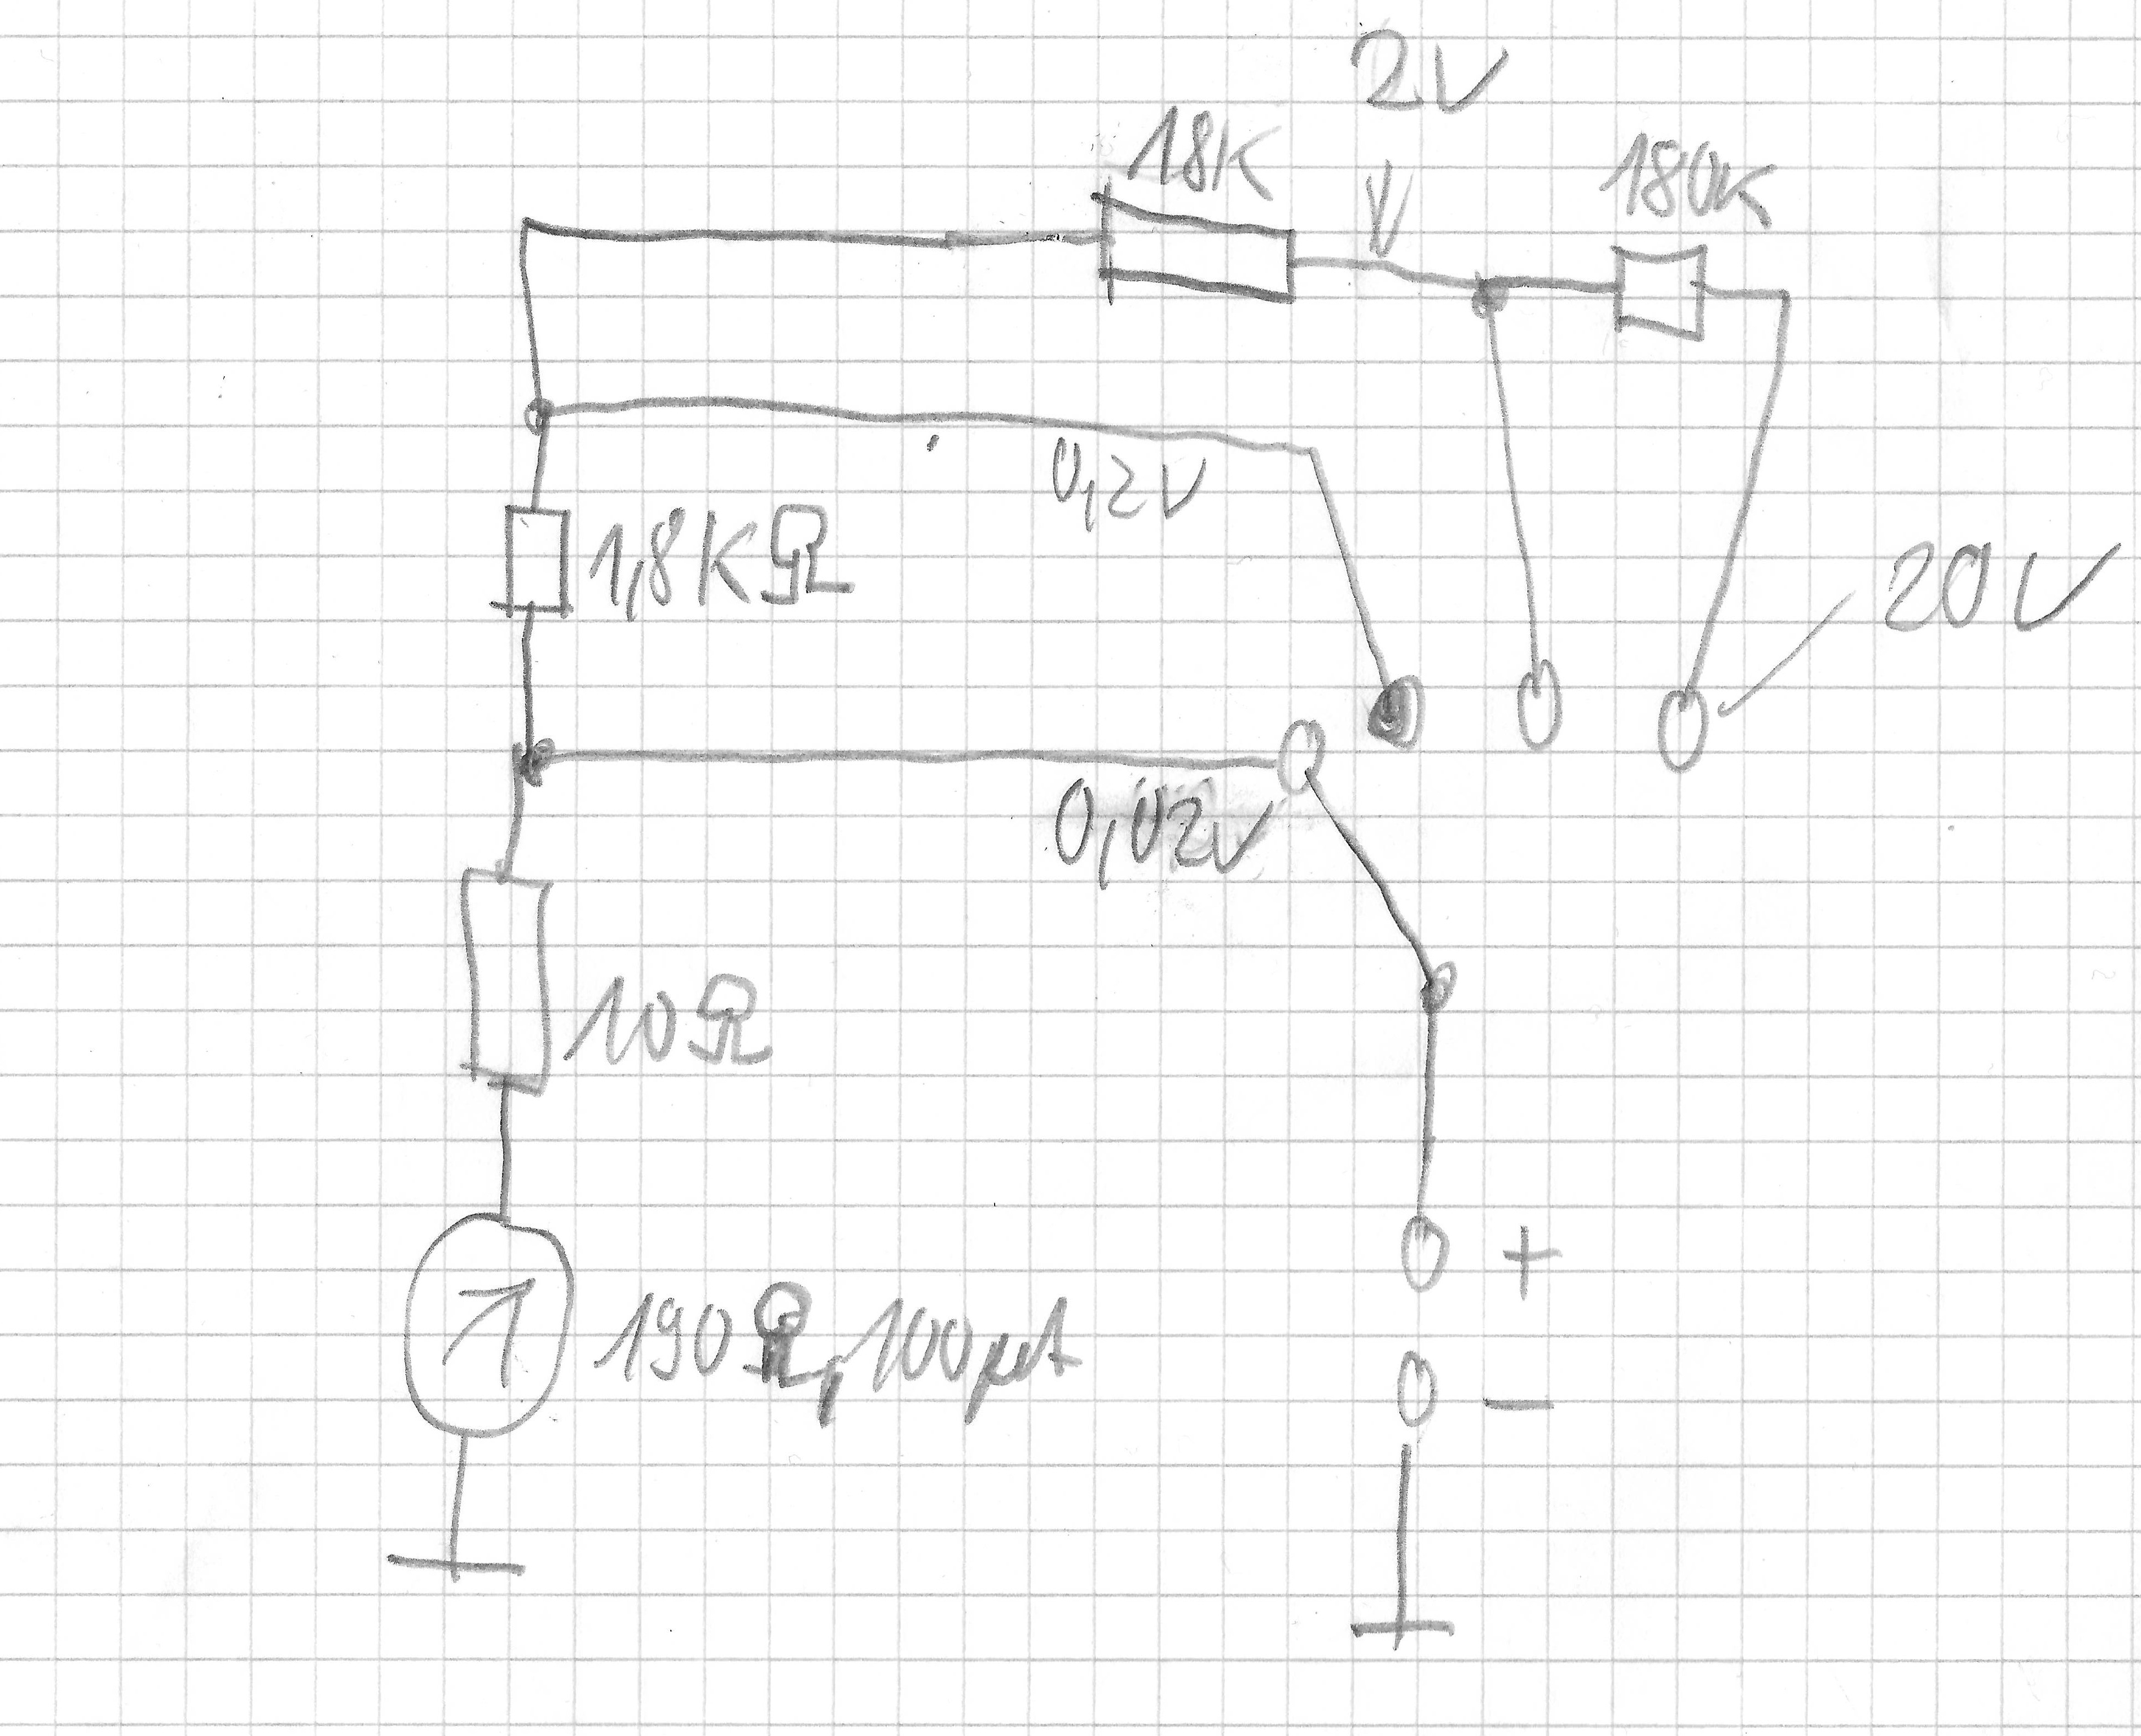 messtechnik drehspulinstrument zu voltmeter erweitern vorwiderstand berechnen autobatterie. Black Bedroom Furniture Sets. Home Design Ideas